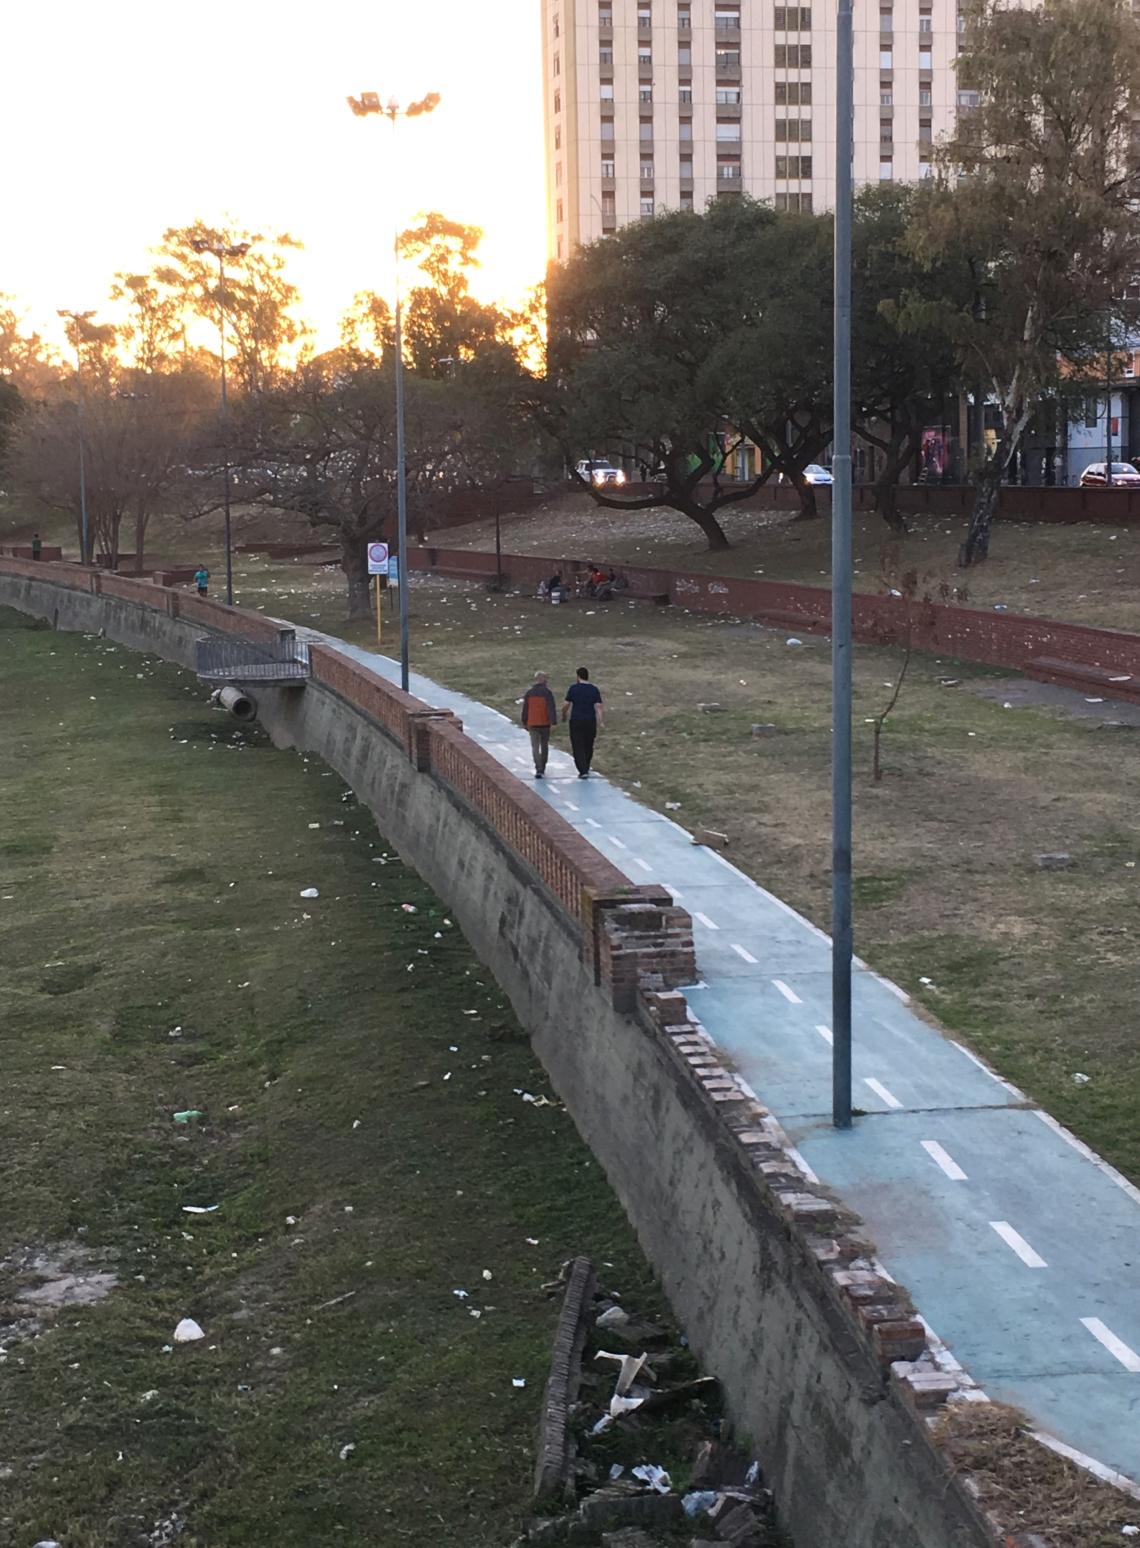 4. Haluaisitko ulkoilla tällaisessa puistossa Roskainen Córdoba